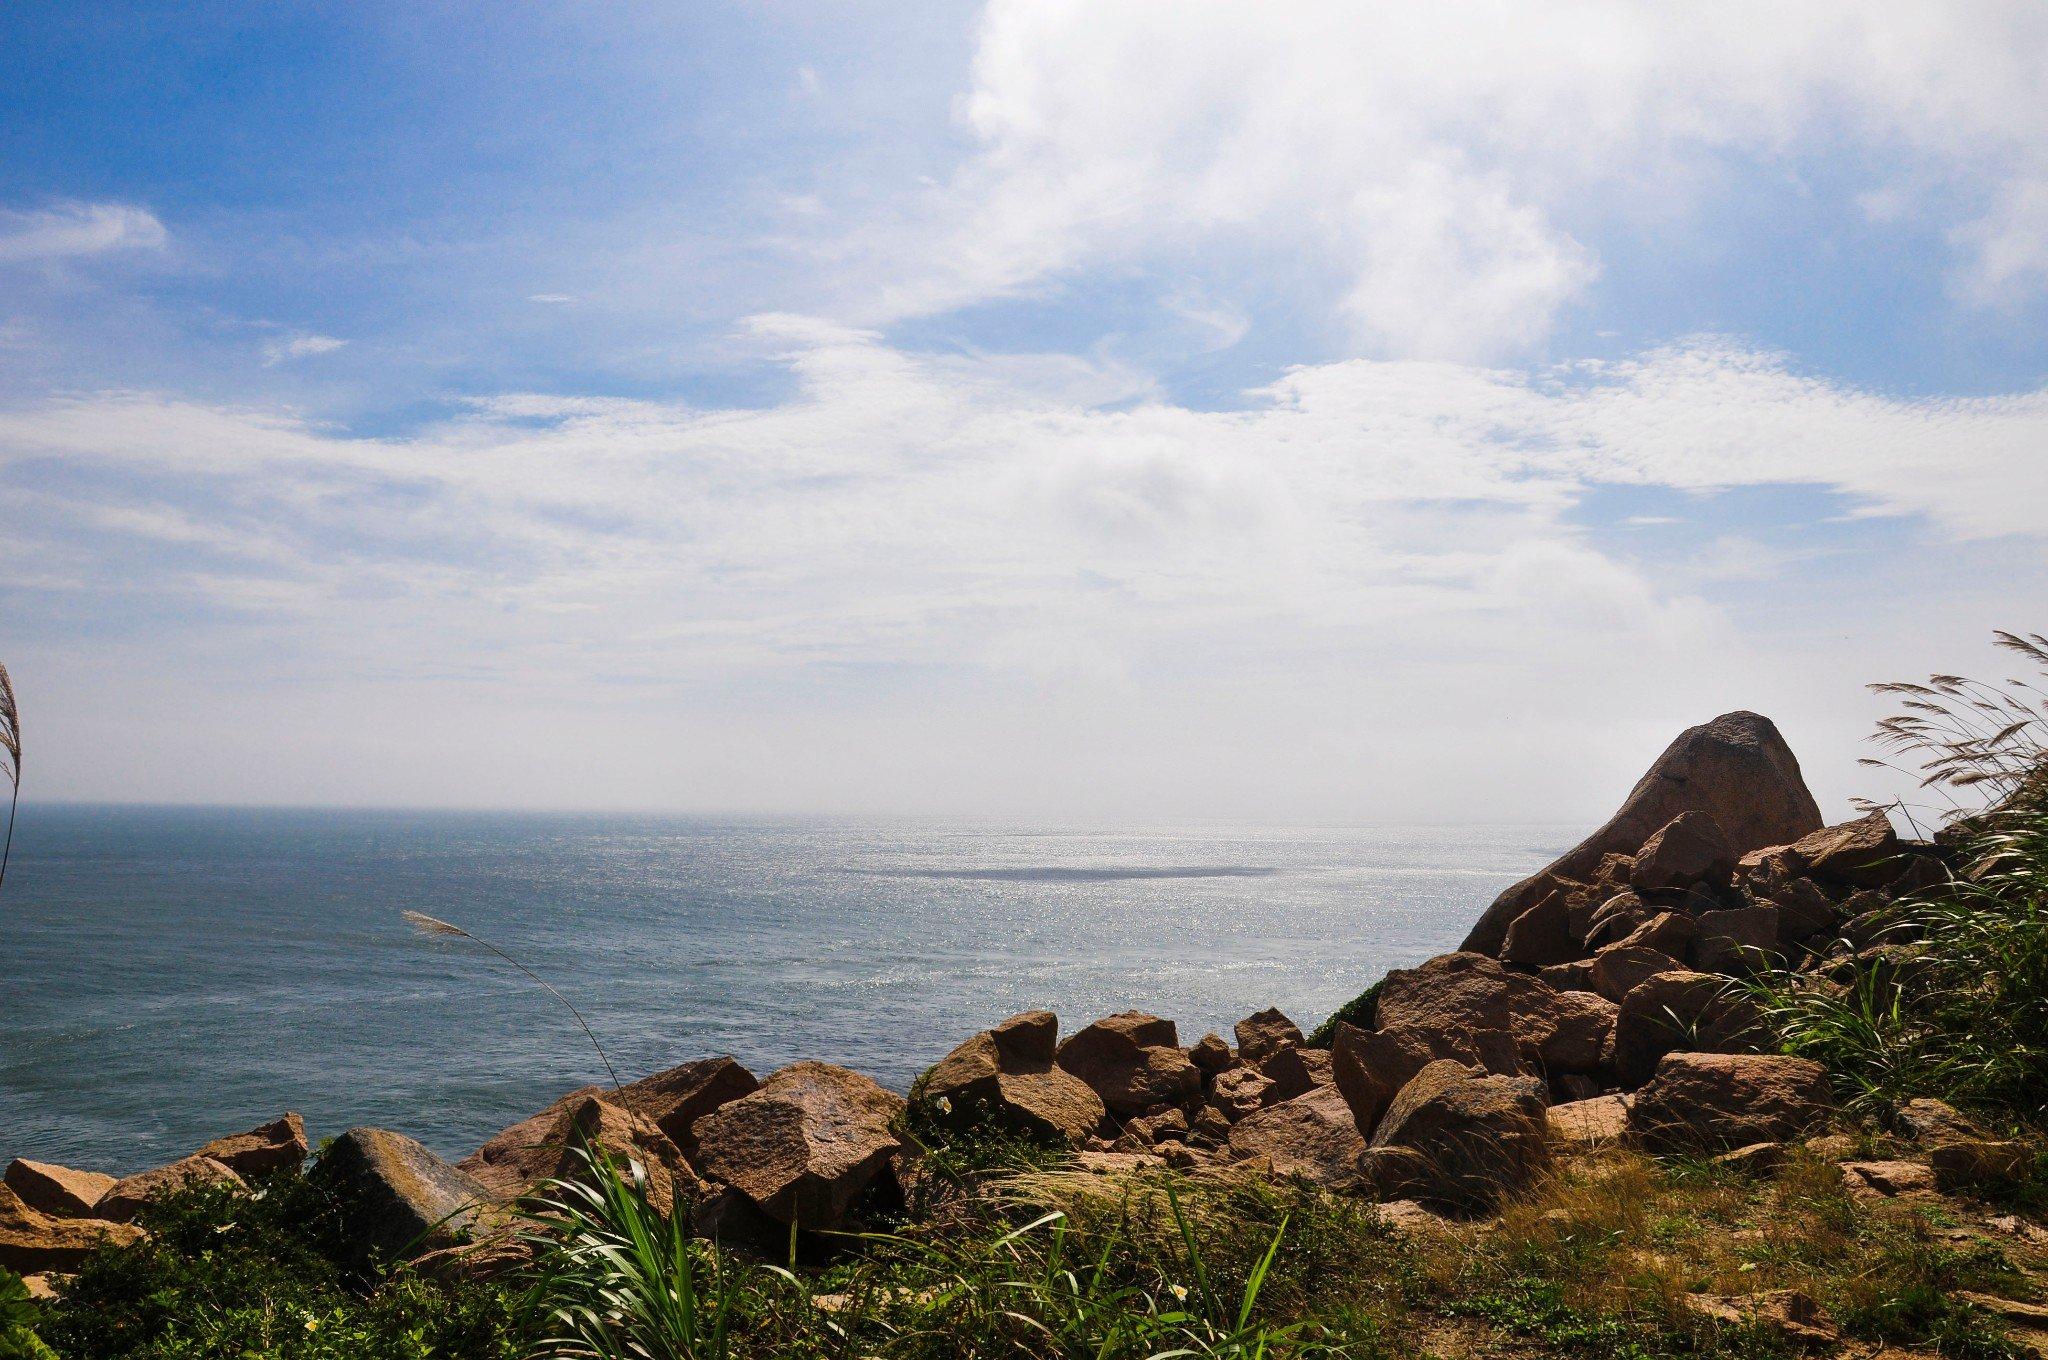 【献给东极岛】在可能与不可能之间,石上花开